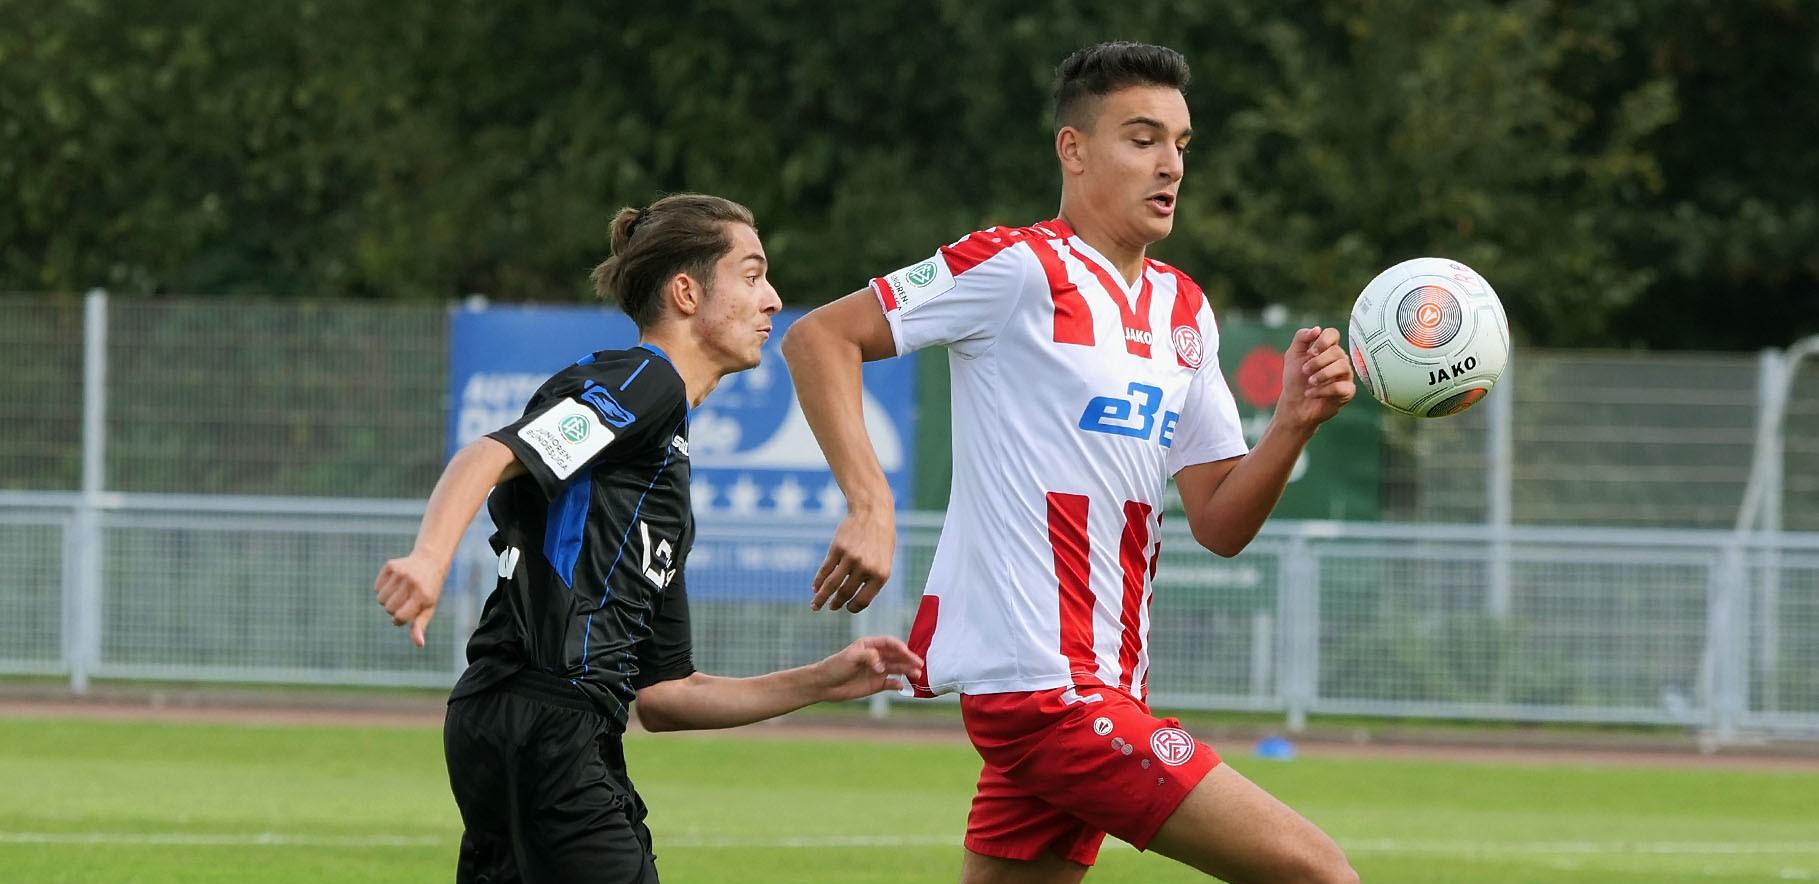 Aus Paderborn kehrte die rot-weisse U17 mit drei Punkten zurück. (Foto: Gohl)